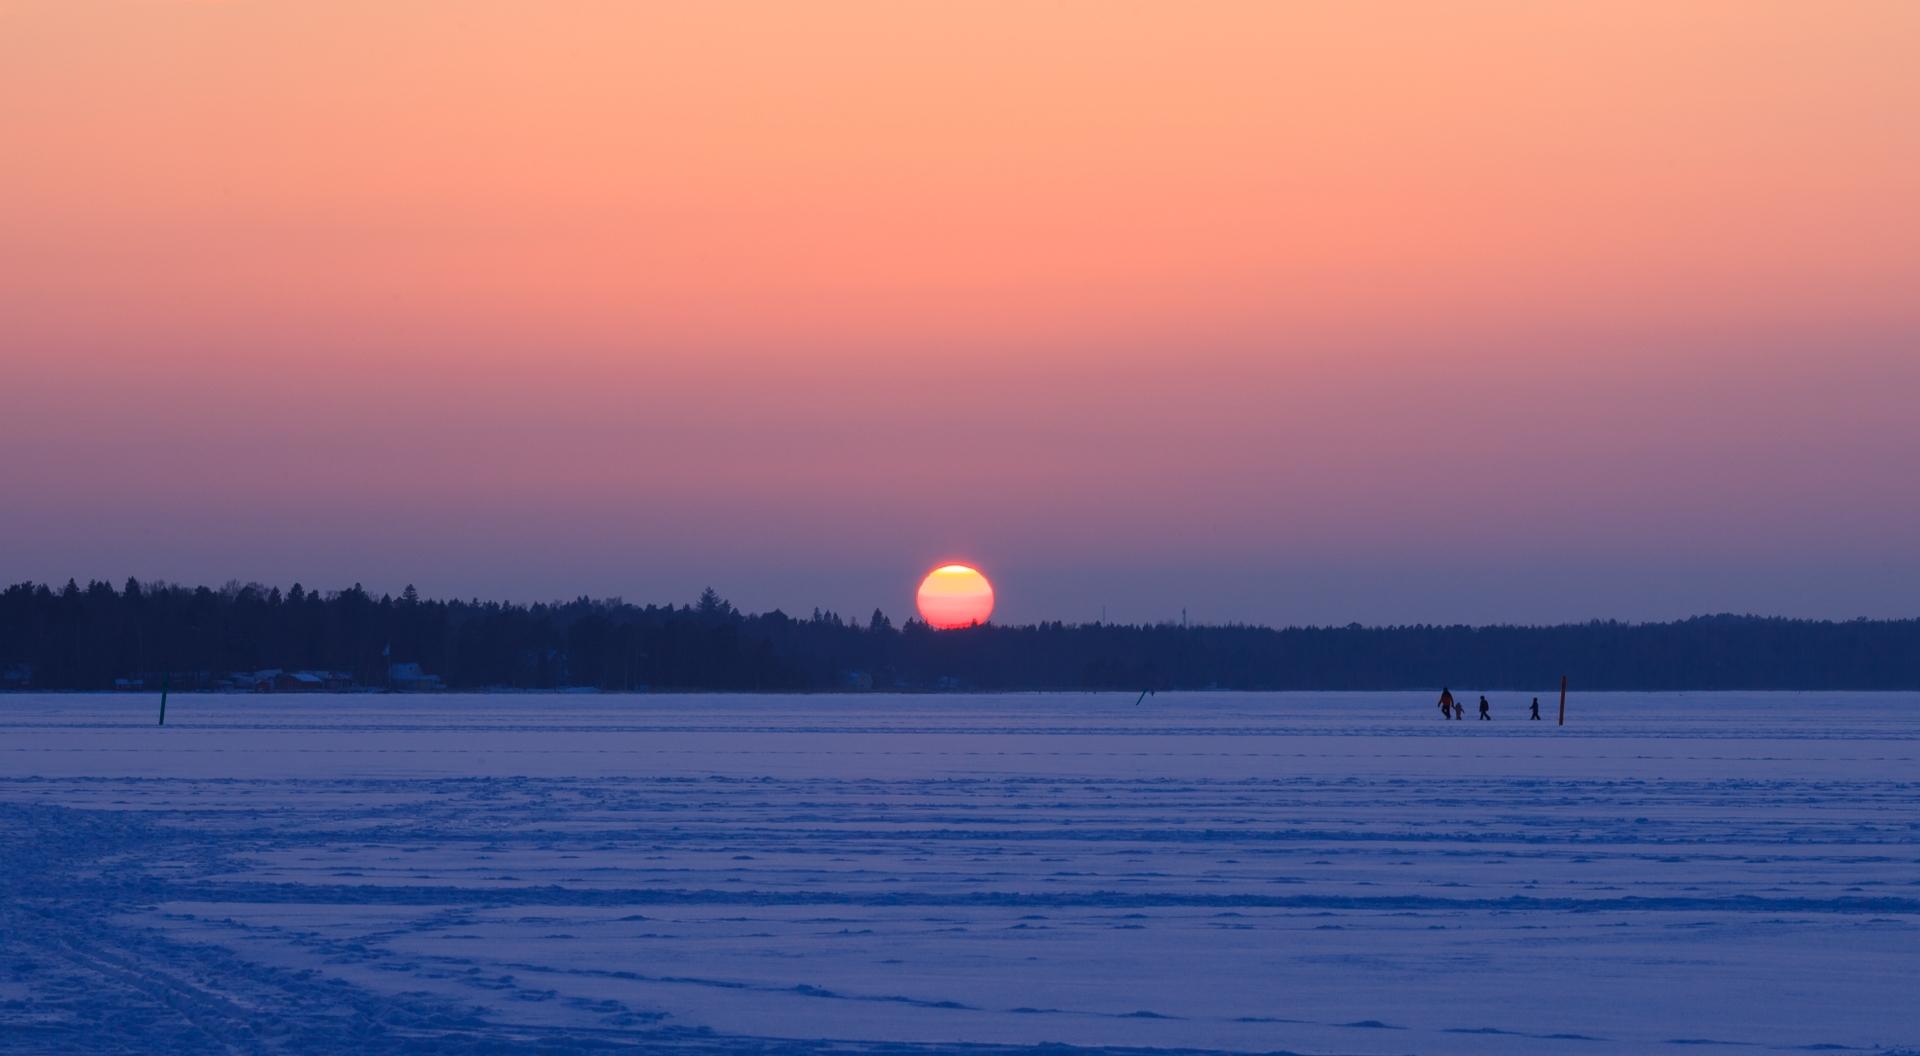 rays Sun - photography, finland - anttitassberg   ello